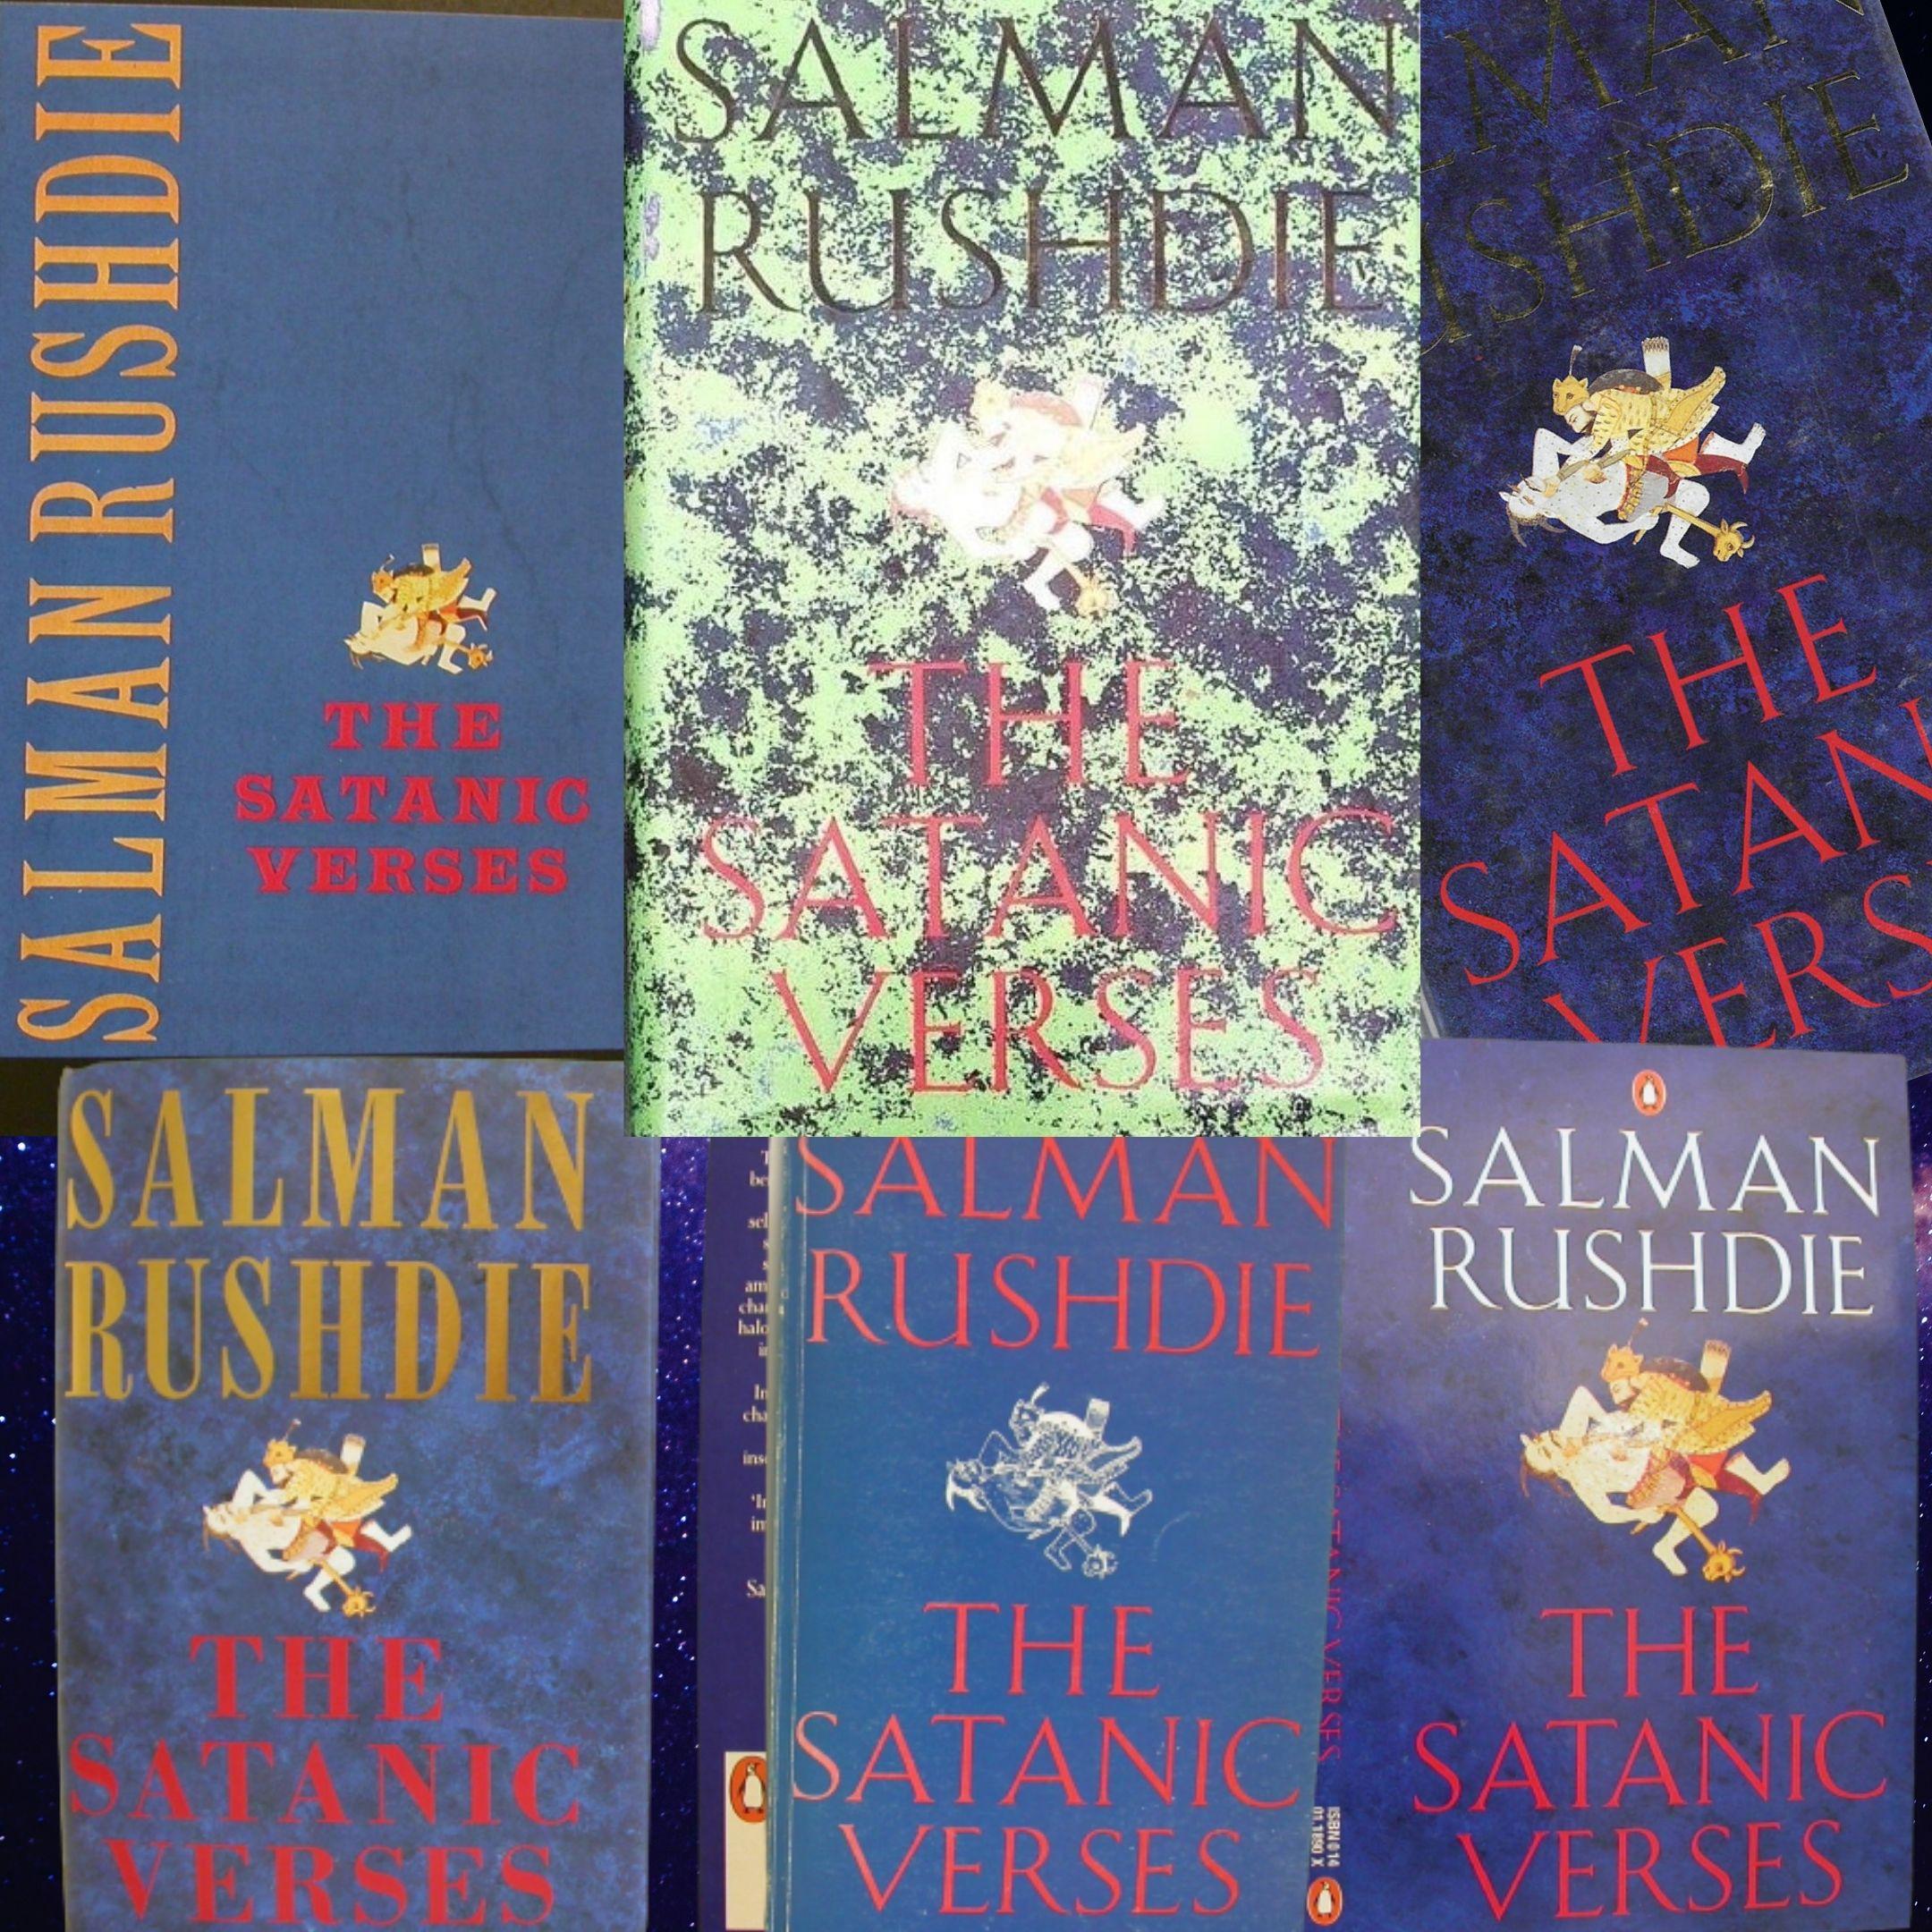 """""""I versi satanici"""" di Salman Rushdie: alla scoperta delle grandi rarità: edizioni numerate, tascabili macerati e bozze di stampa sorprendenti"""